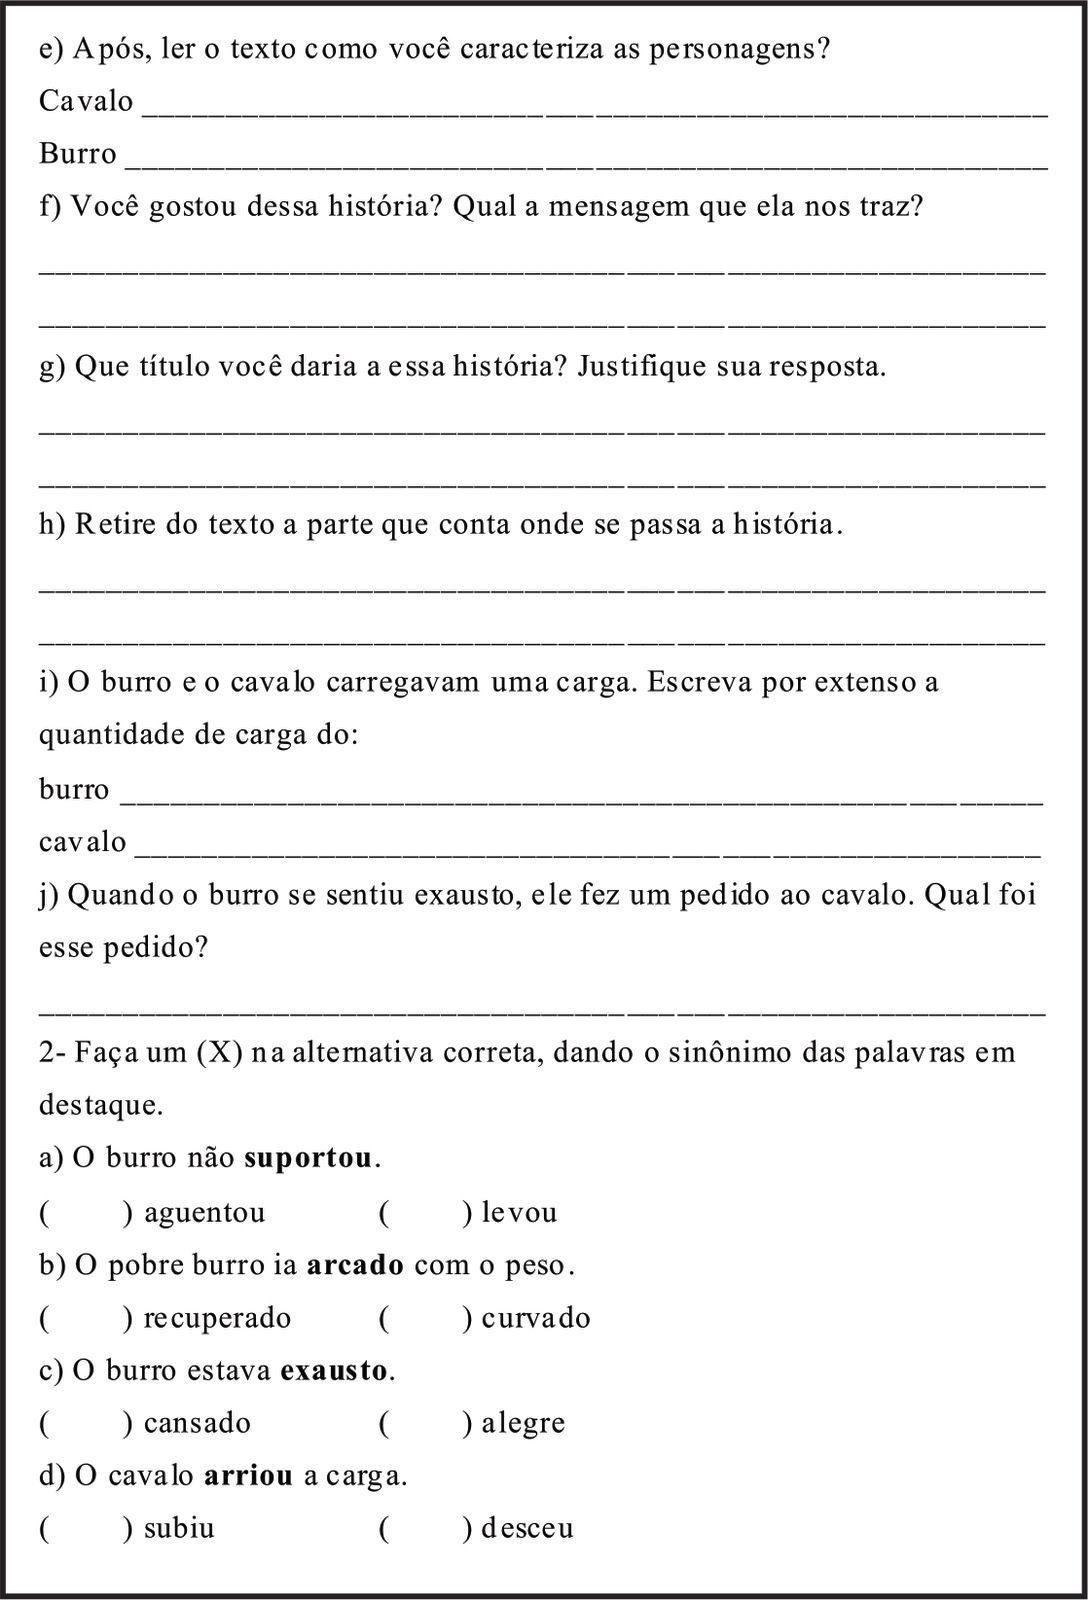 Pin Em Aprender Lingua Portuguesa